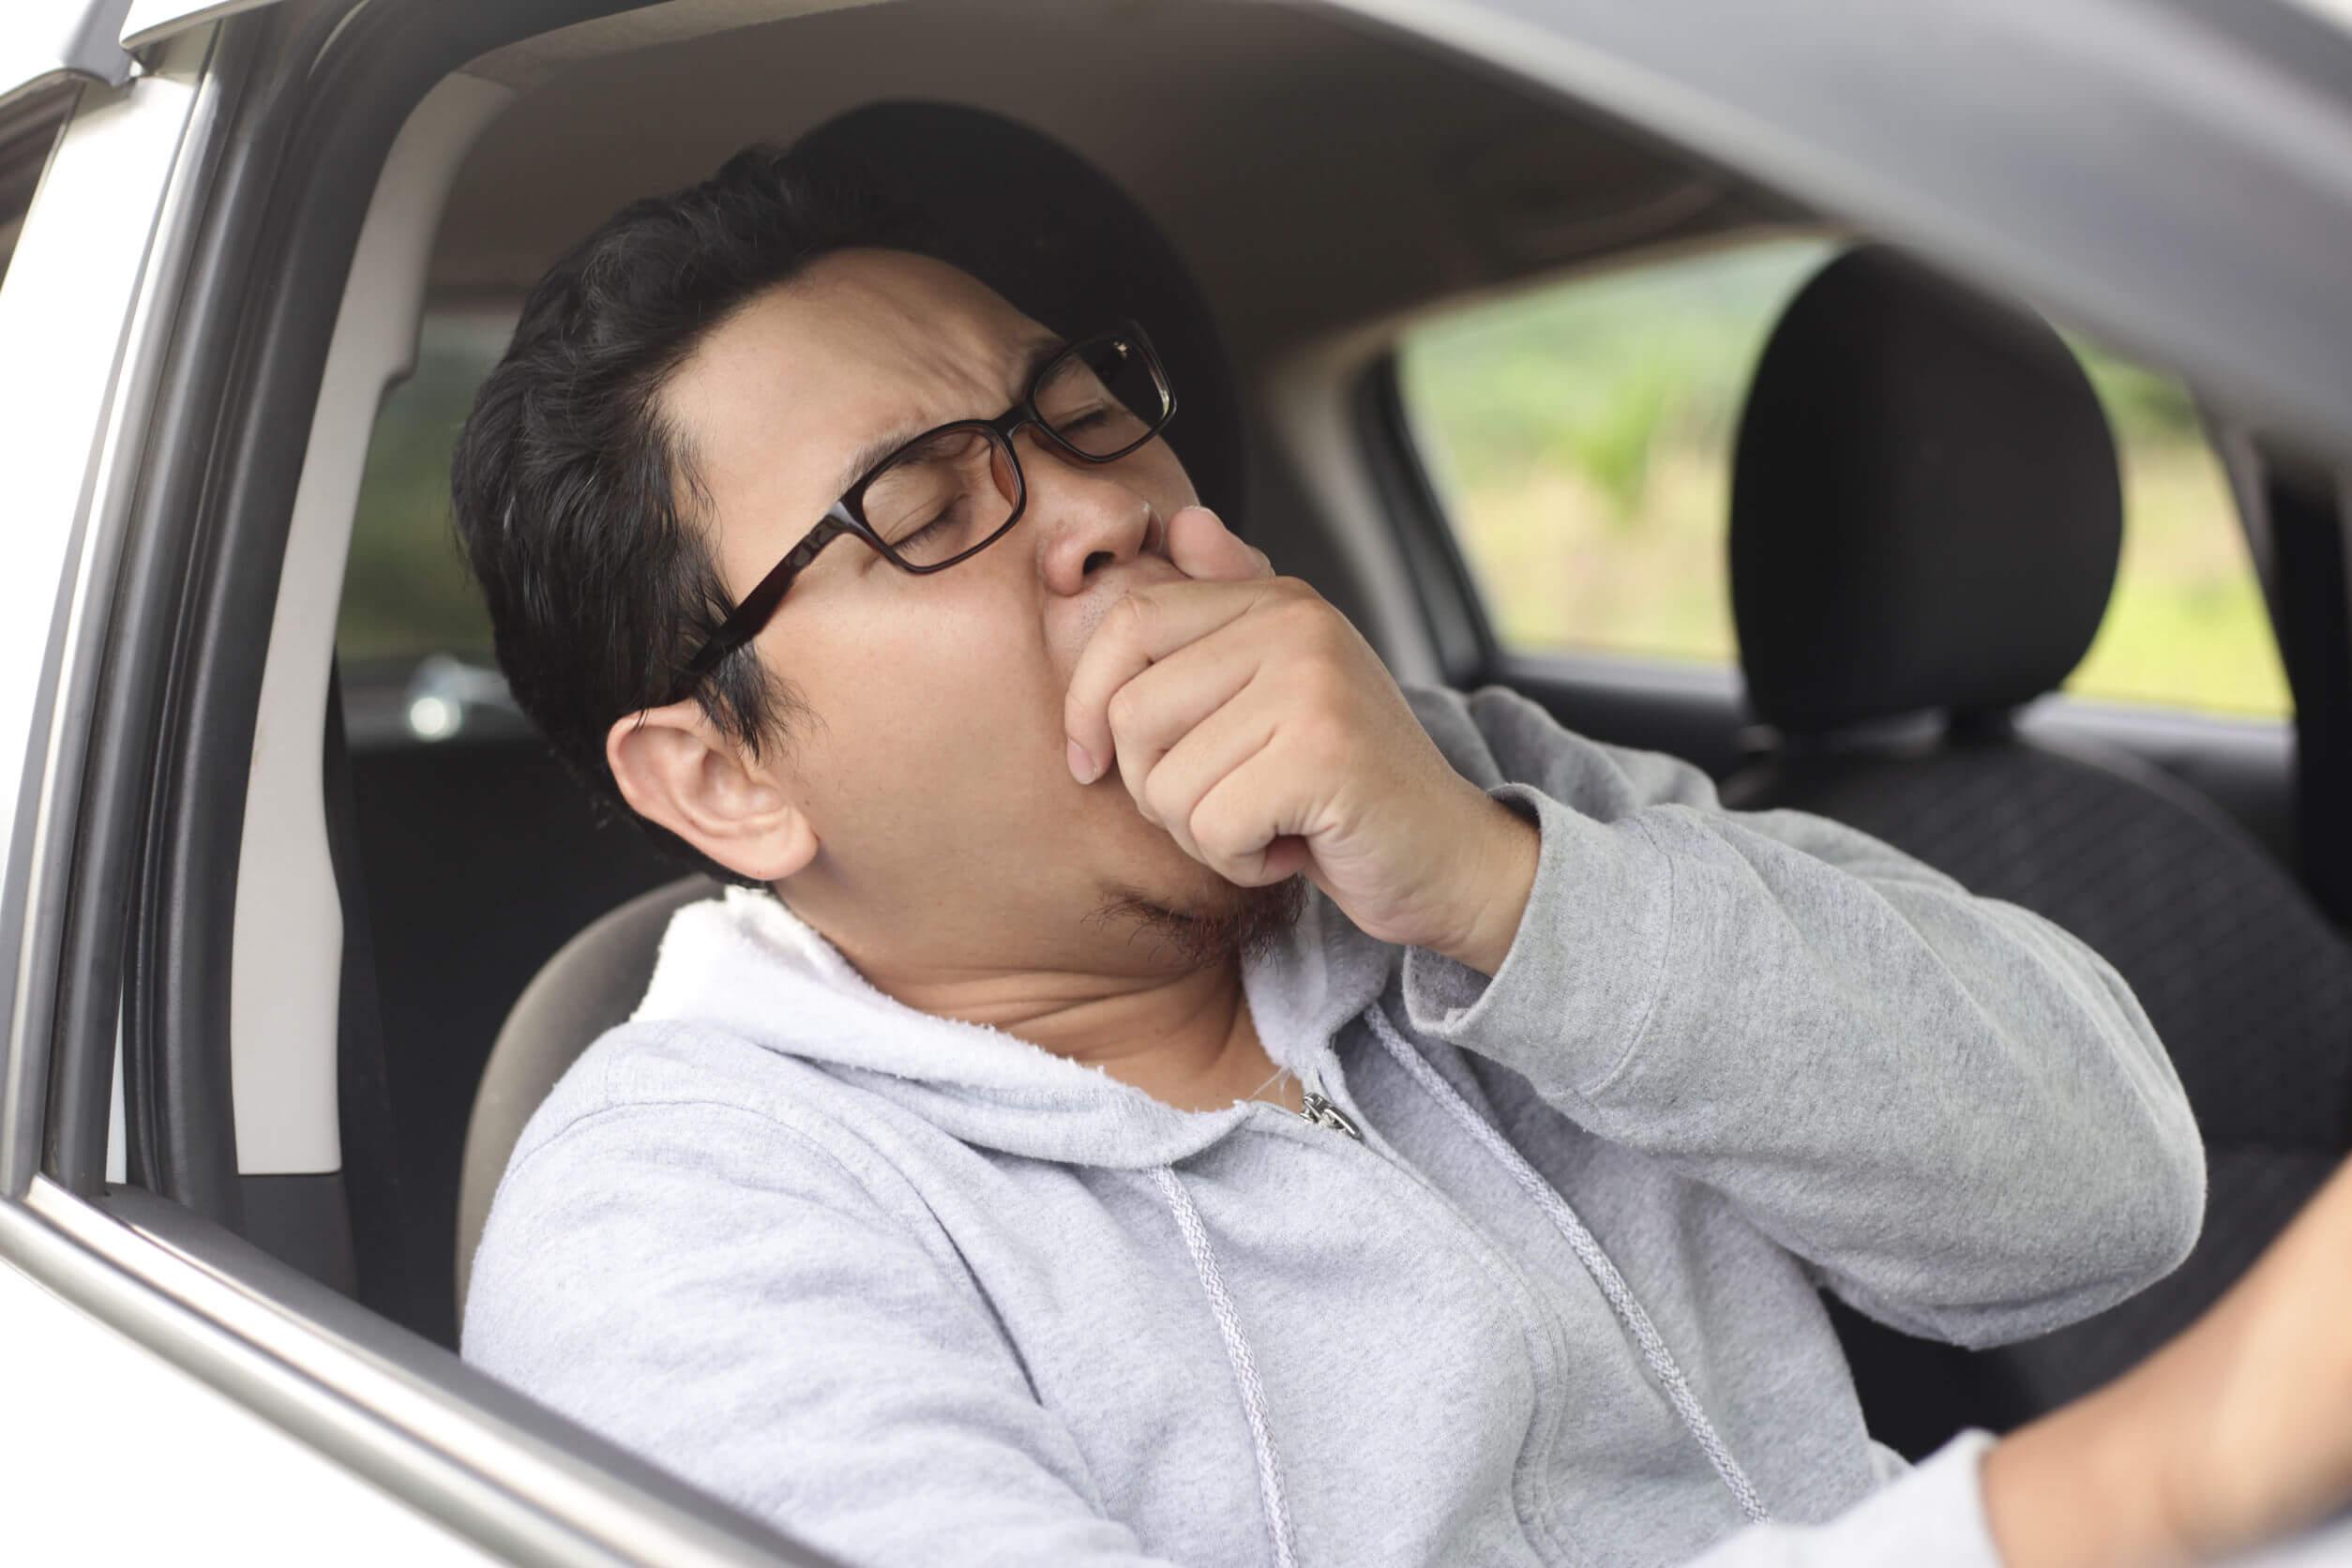 La migraña puede empeorar con ciertos hábitos de sueño.